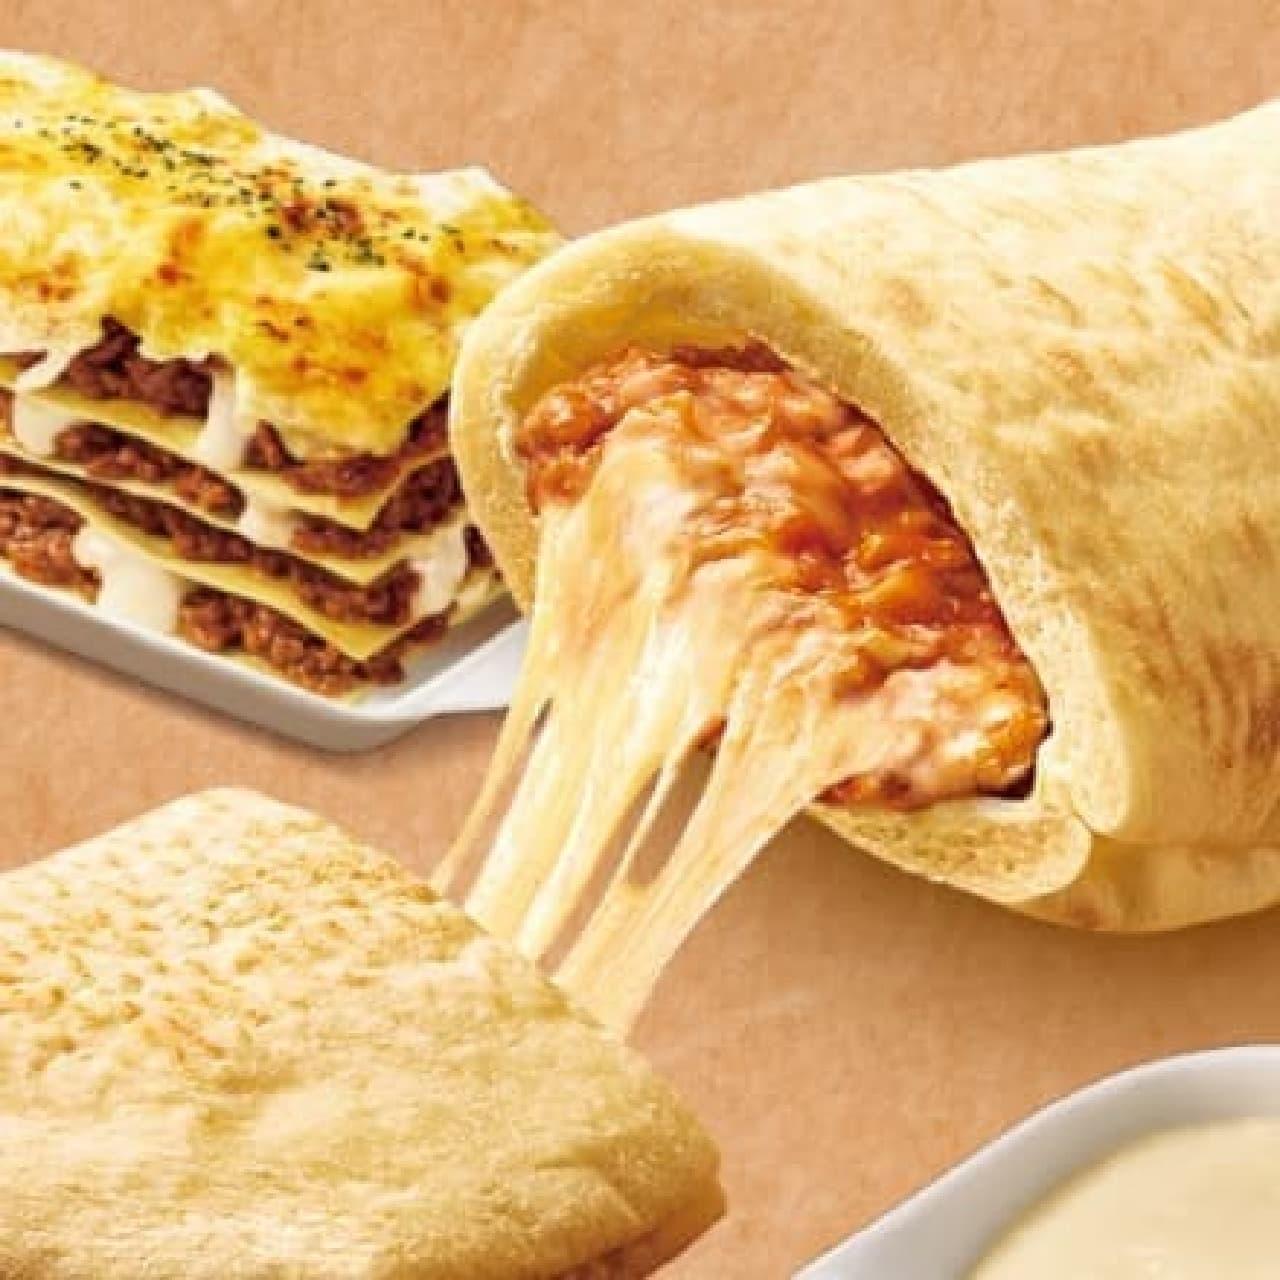 ファミリーマート「ピザサンド Wチーズ&ラザニアソース」